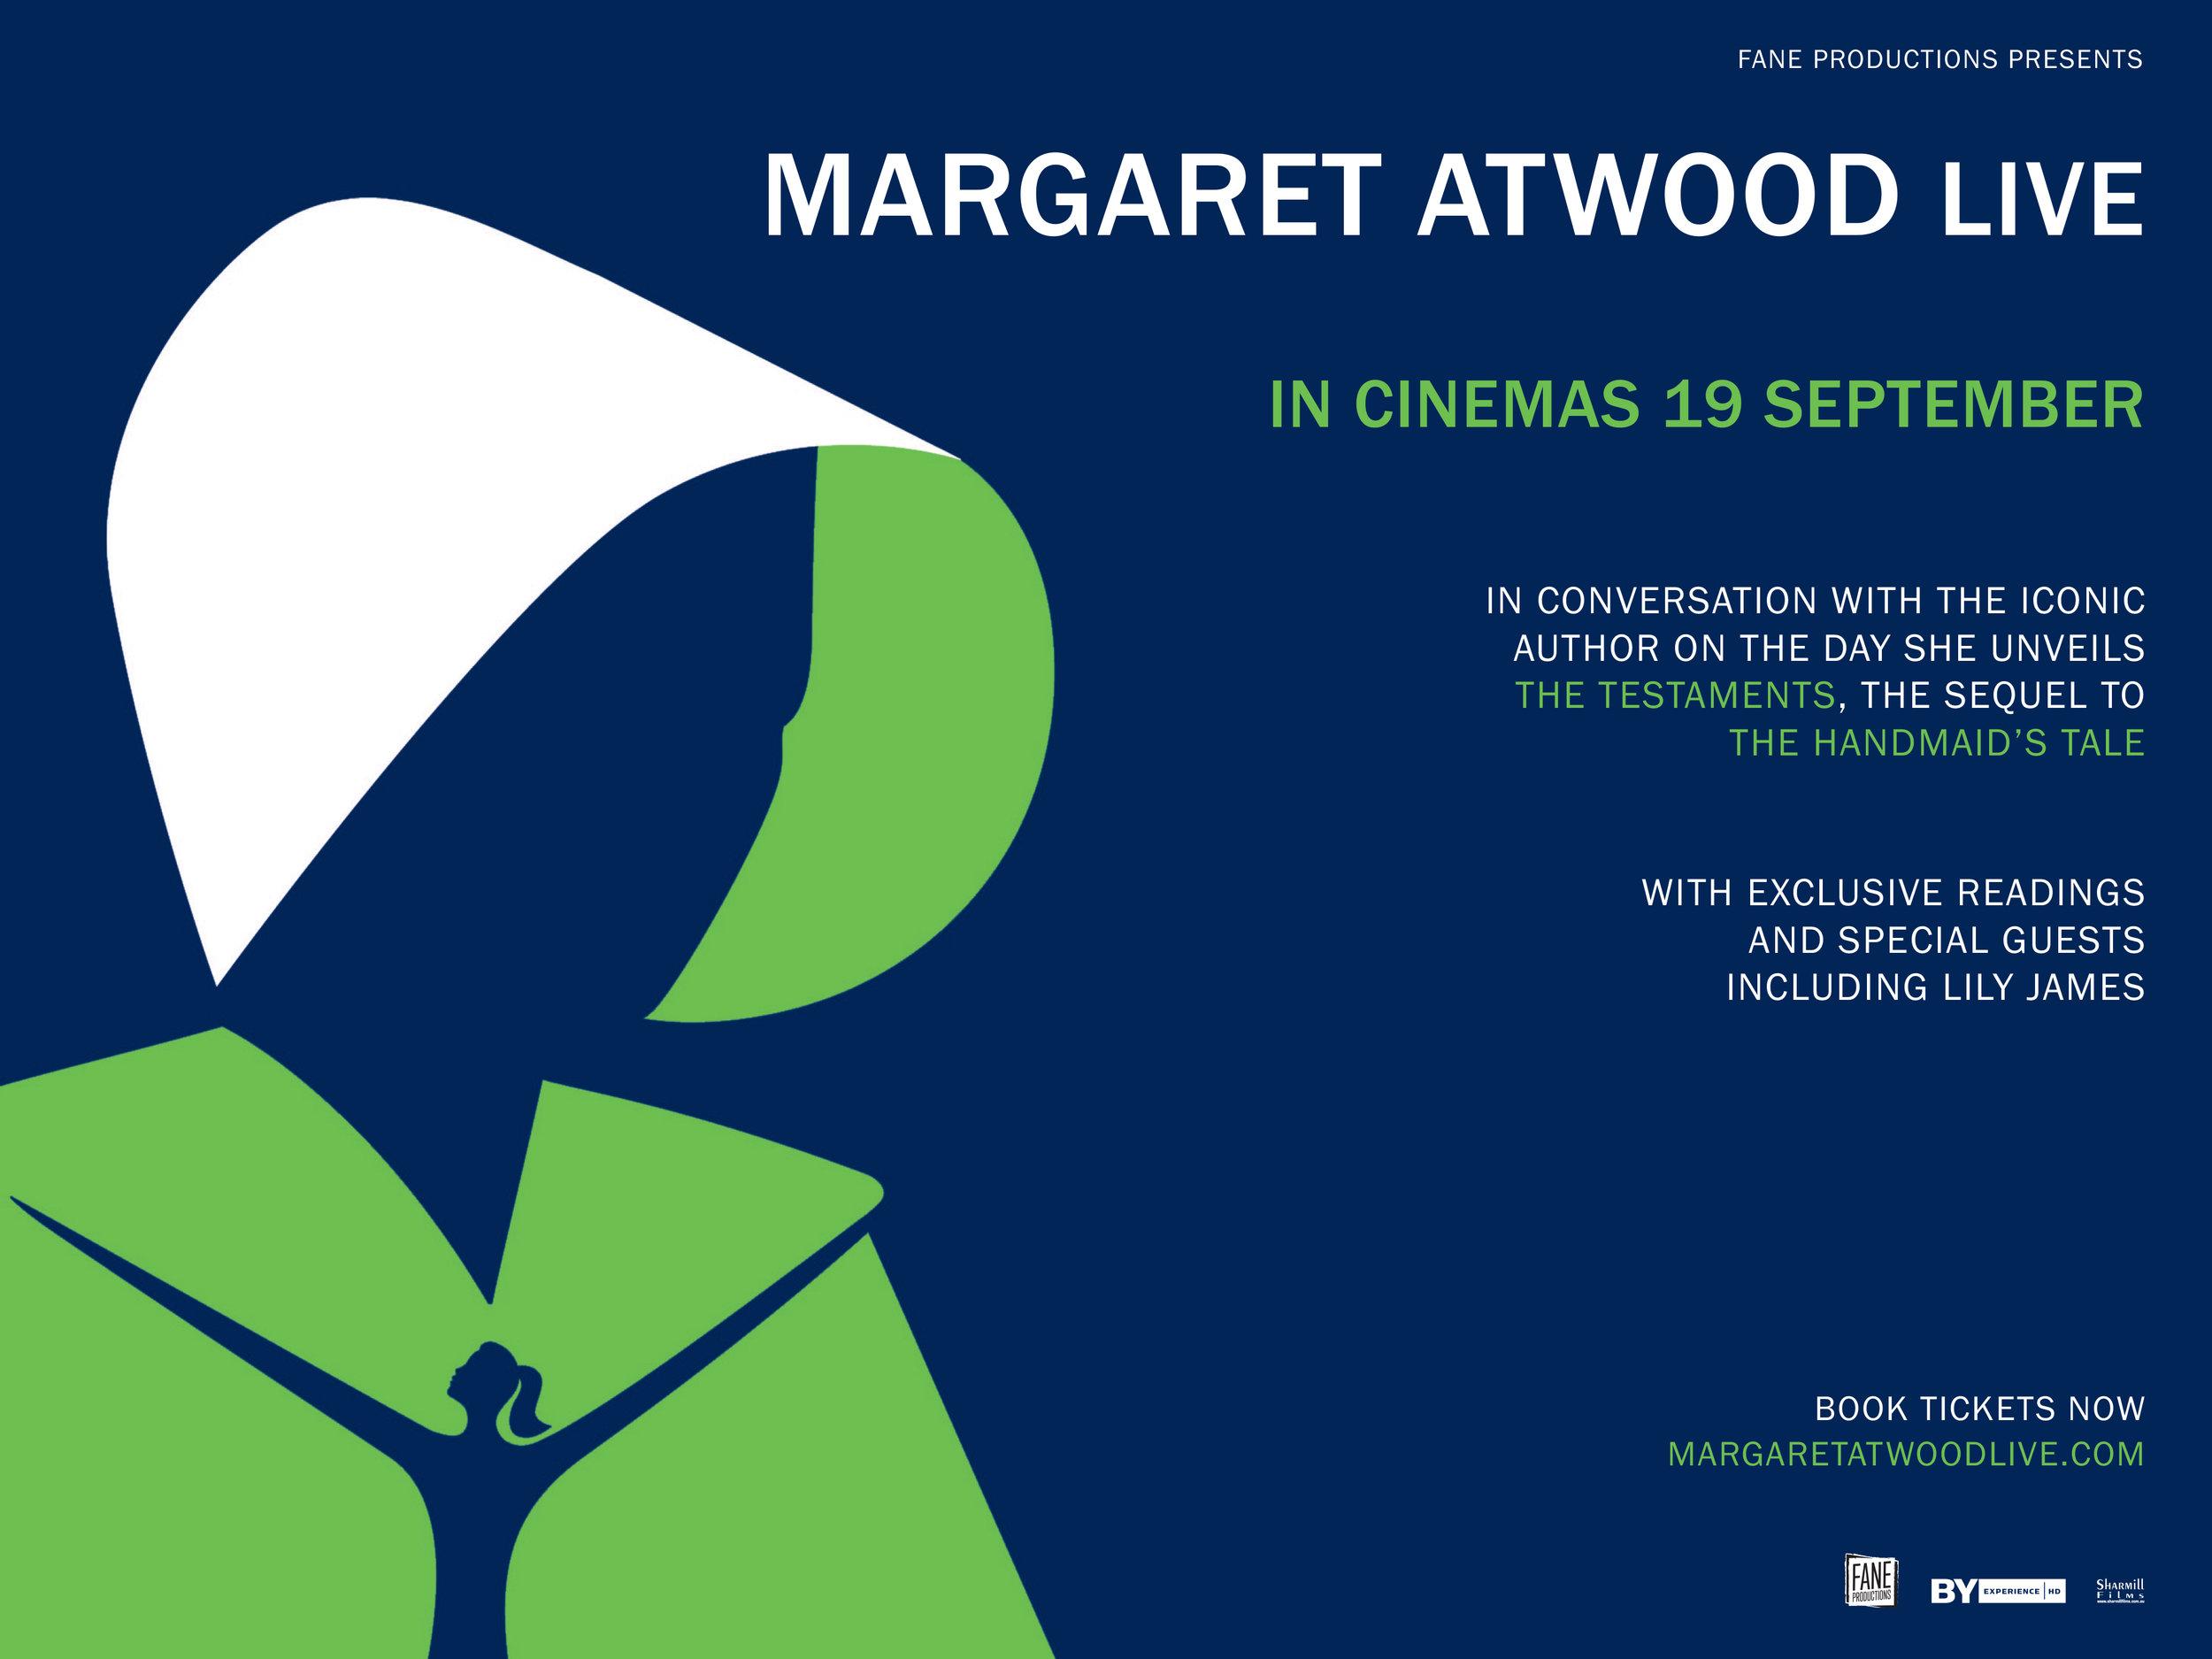 Margaret-Atwood-Live-Quad-Poster-V2.jpg